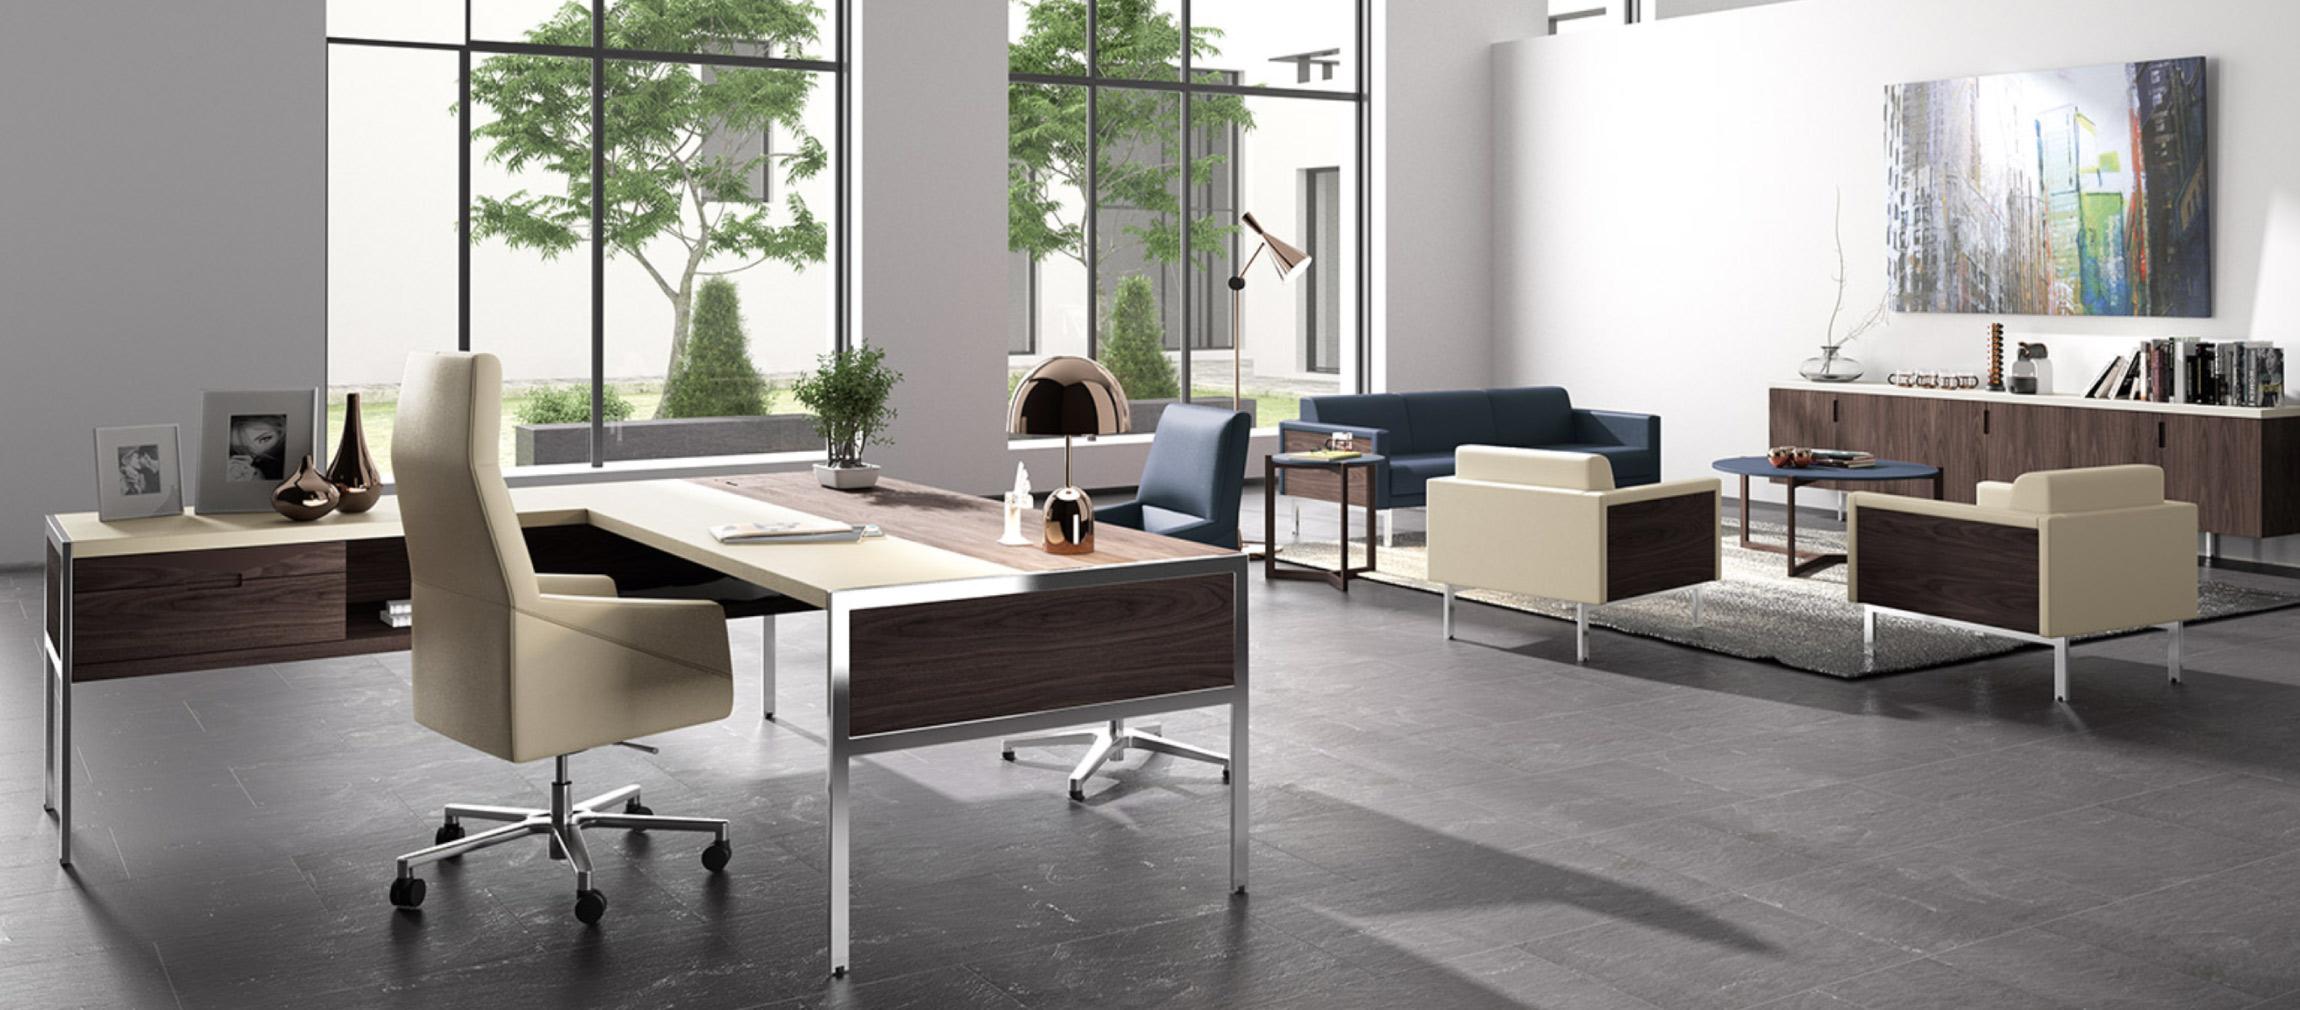 oficinas-a-medida-muebles